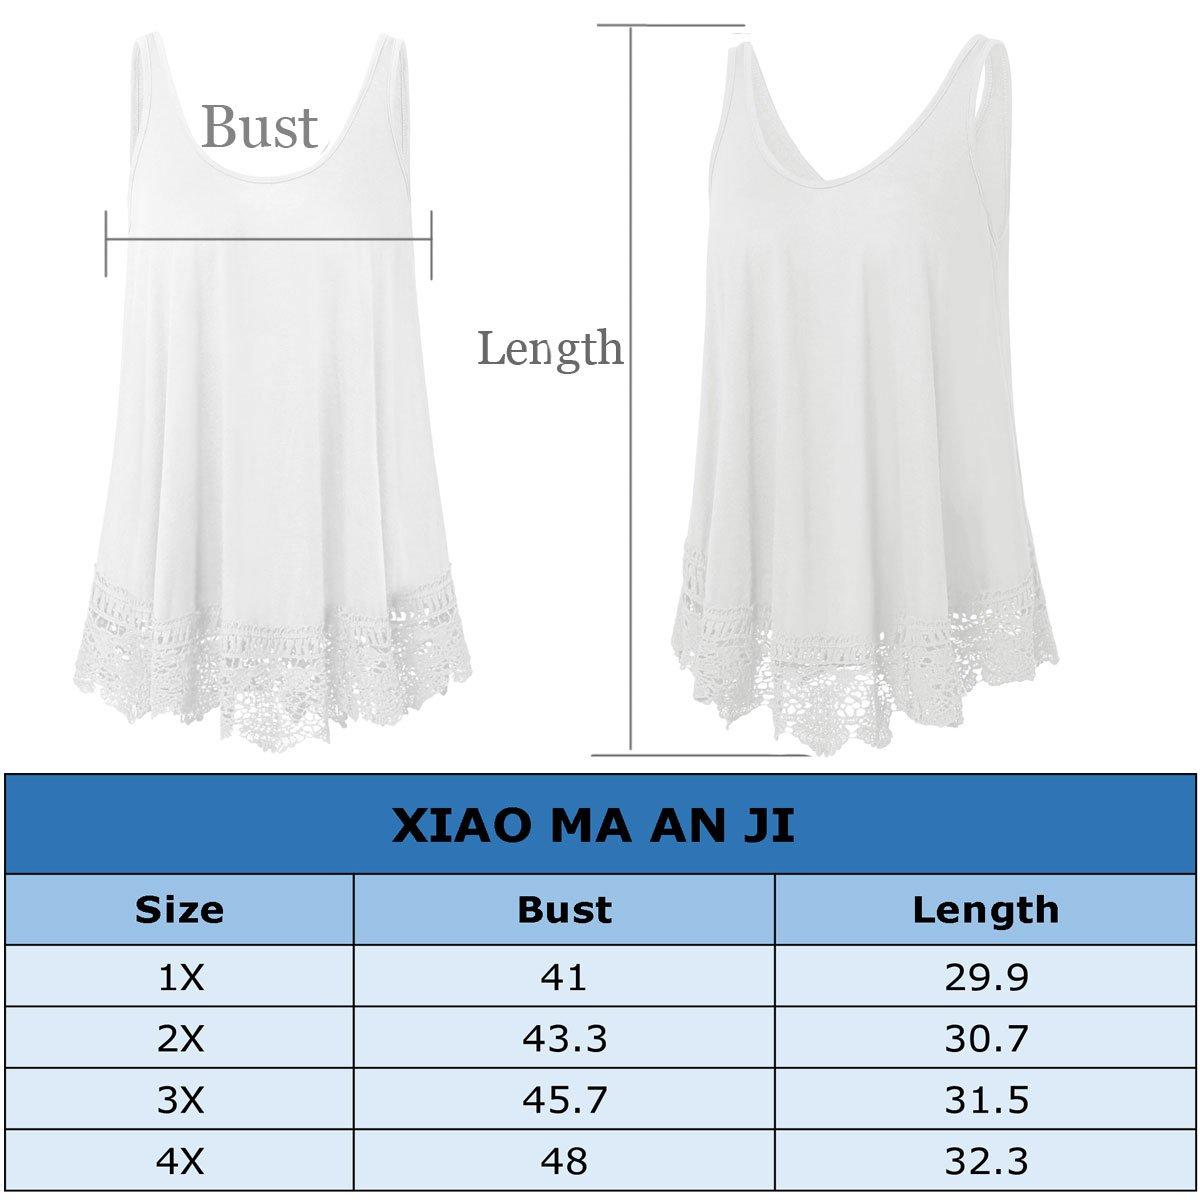 XiaoMaAnJi Plus Size Swing Lace Flowy Tank Top for Women (Black, 1X) by XiaoMaAnJi (Image #4)